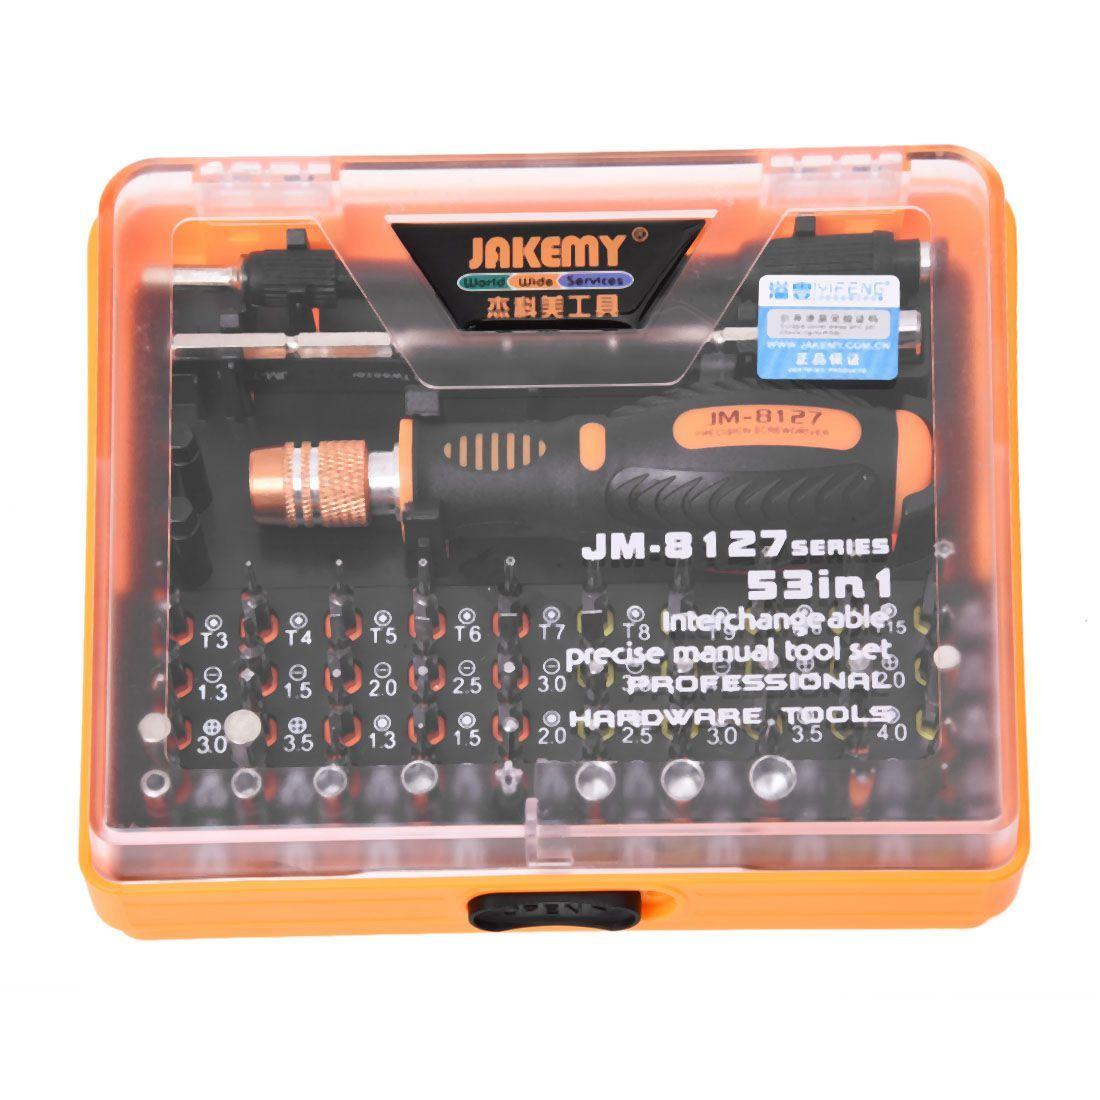 MYLB-Jakemy JM-8127 Magnetische 54in1 Schraubendreher-set Elektronische Zerlegen Reparatur Werkzeug